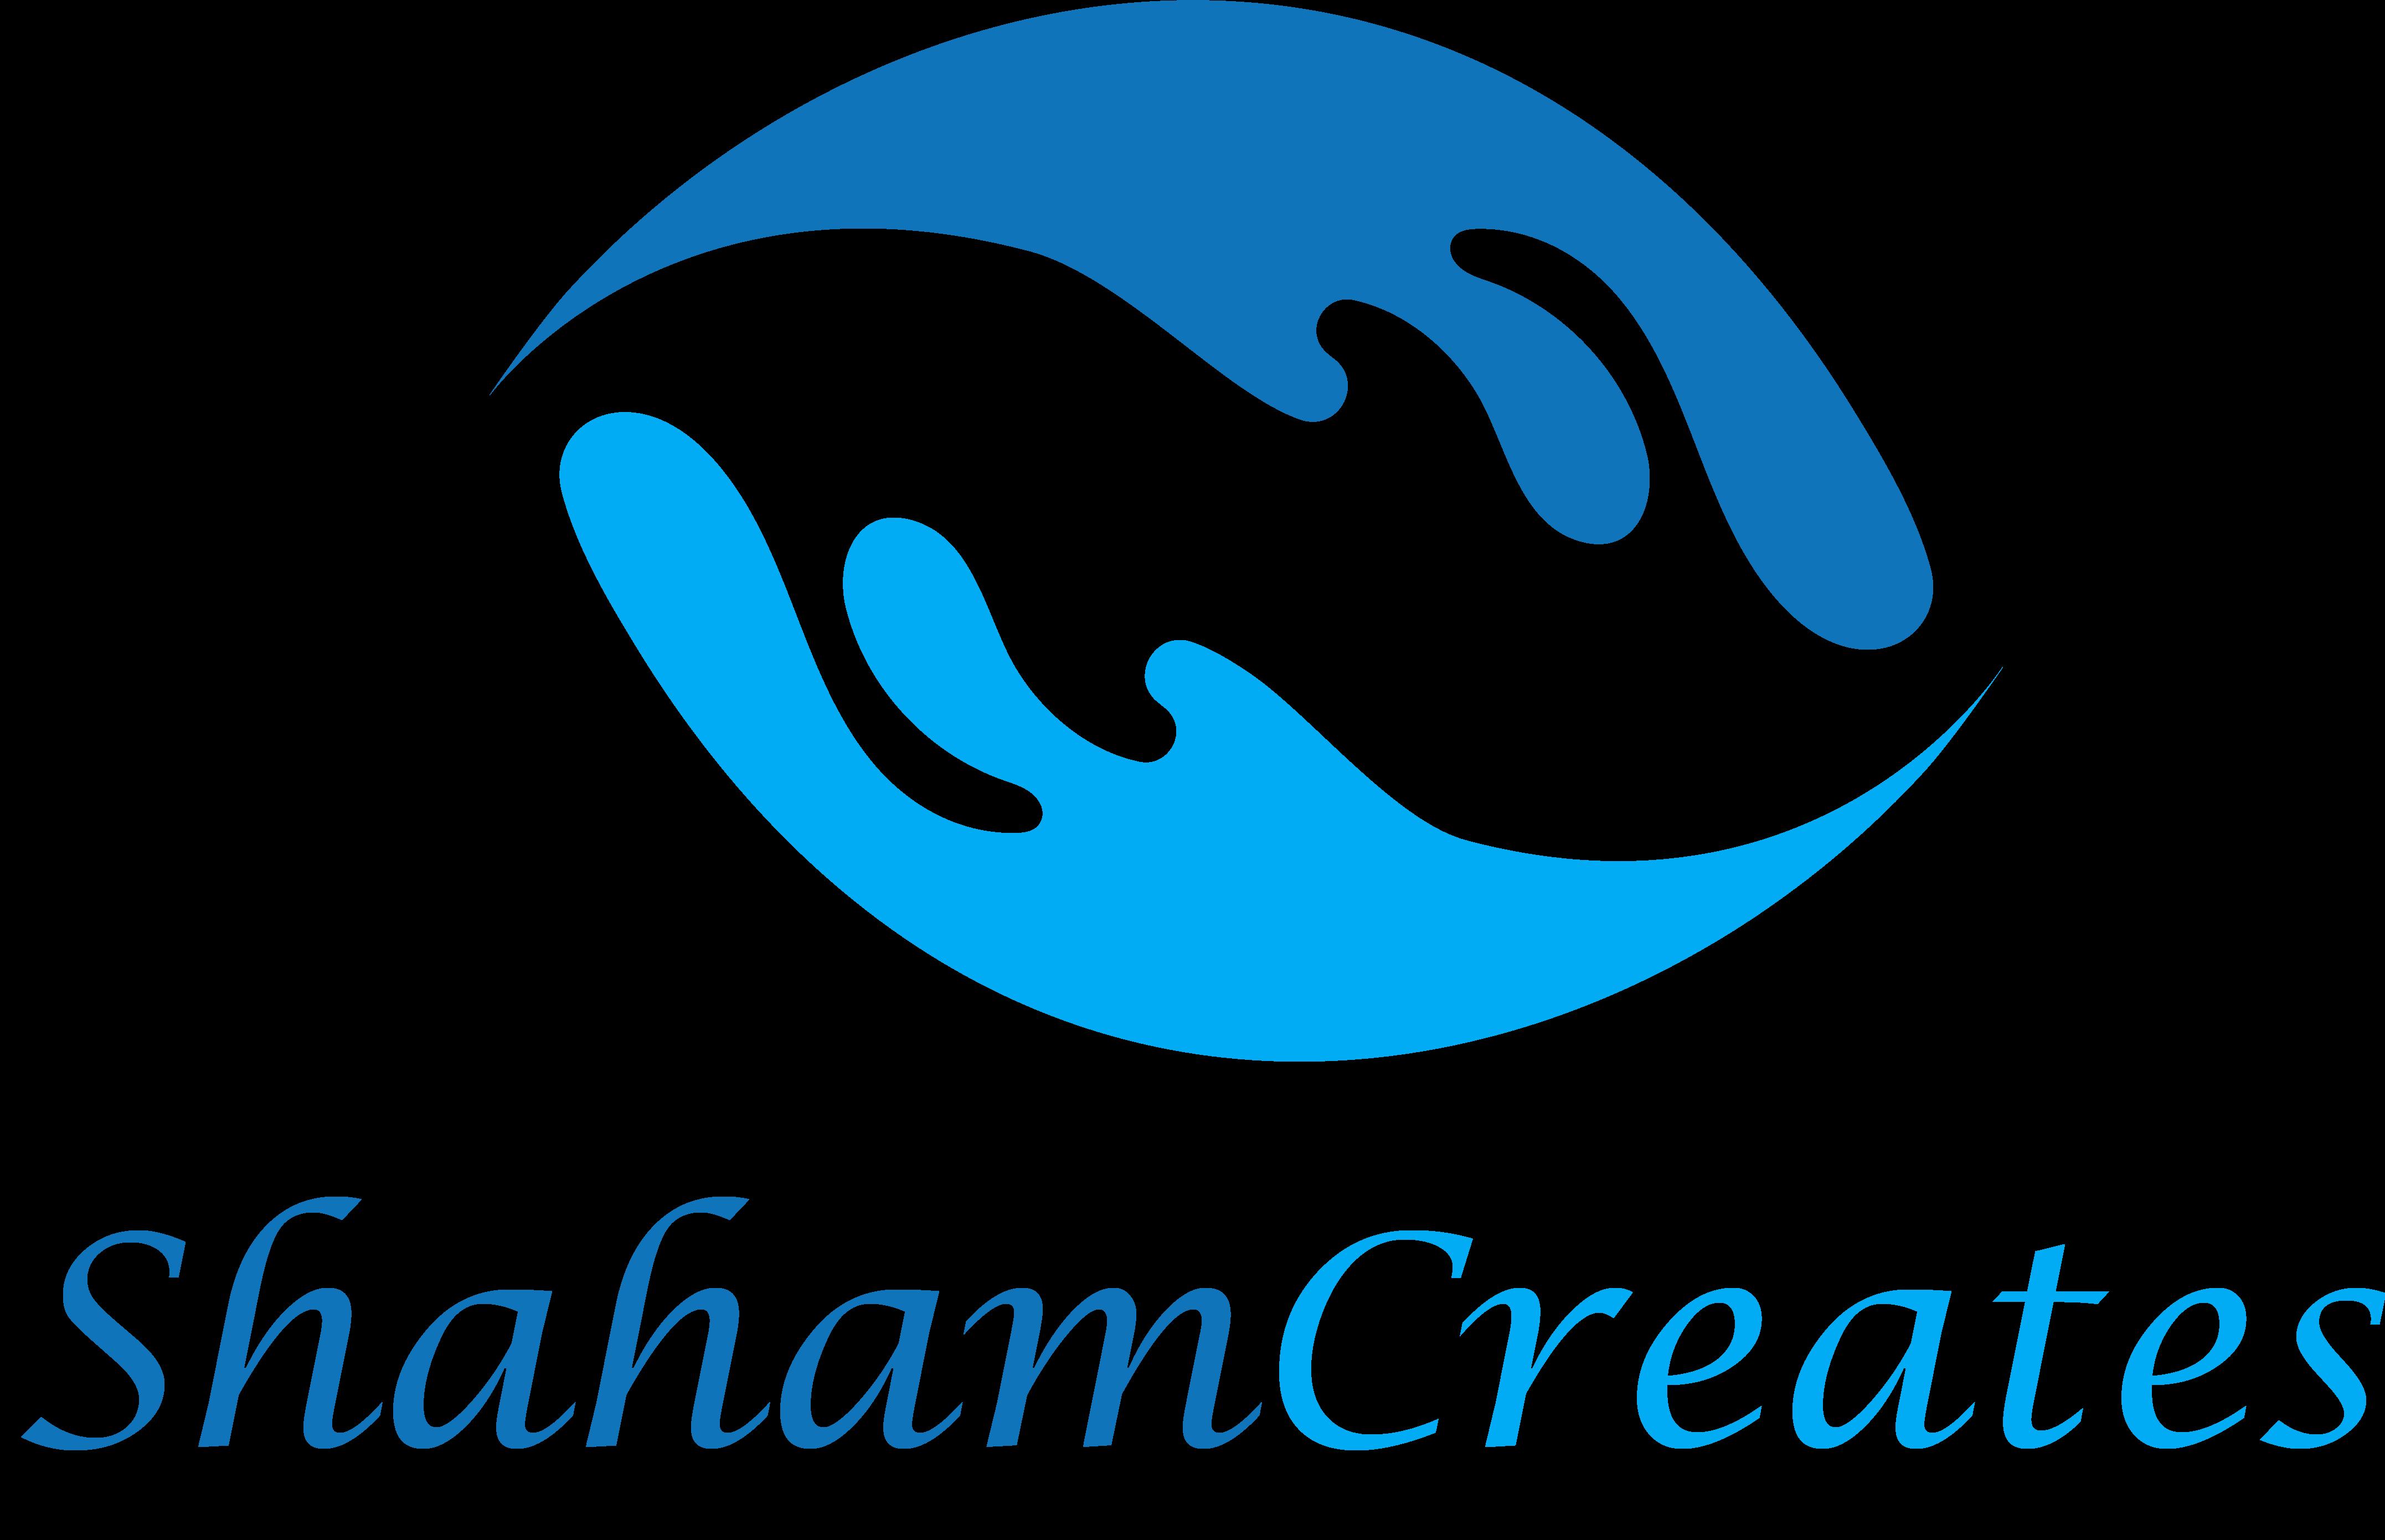 Shaham Creates